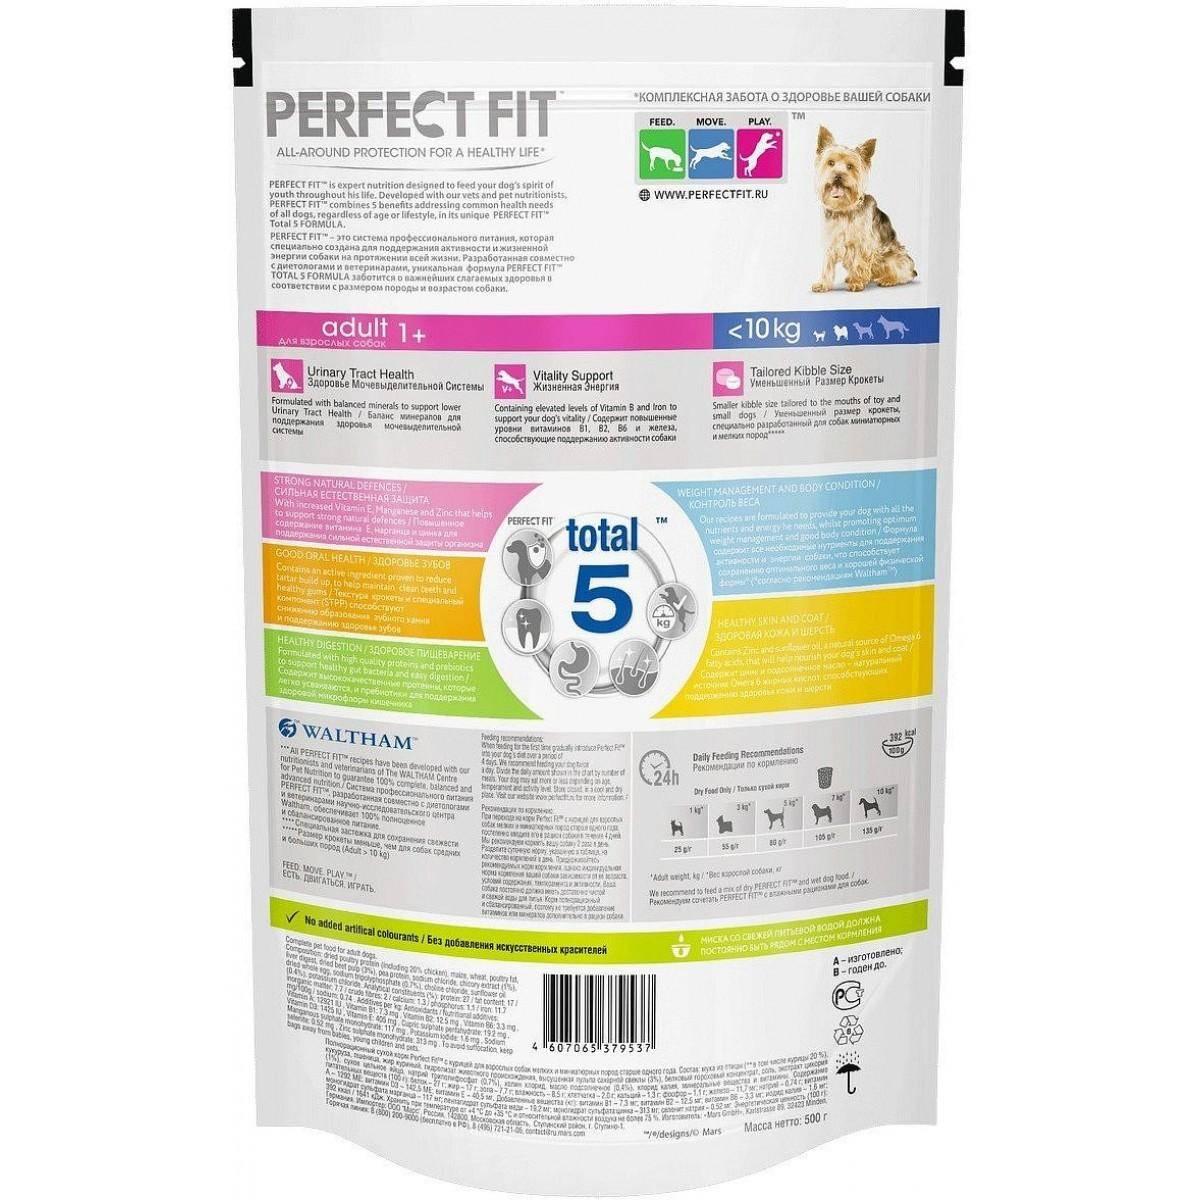 Перфект фит (perfect fit) корм для собак: состав, норма, отзывы ветеринаров | petguru